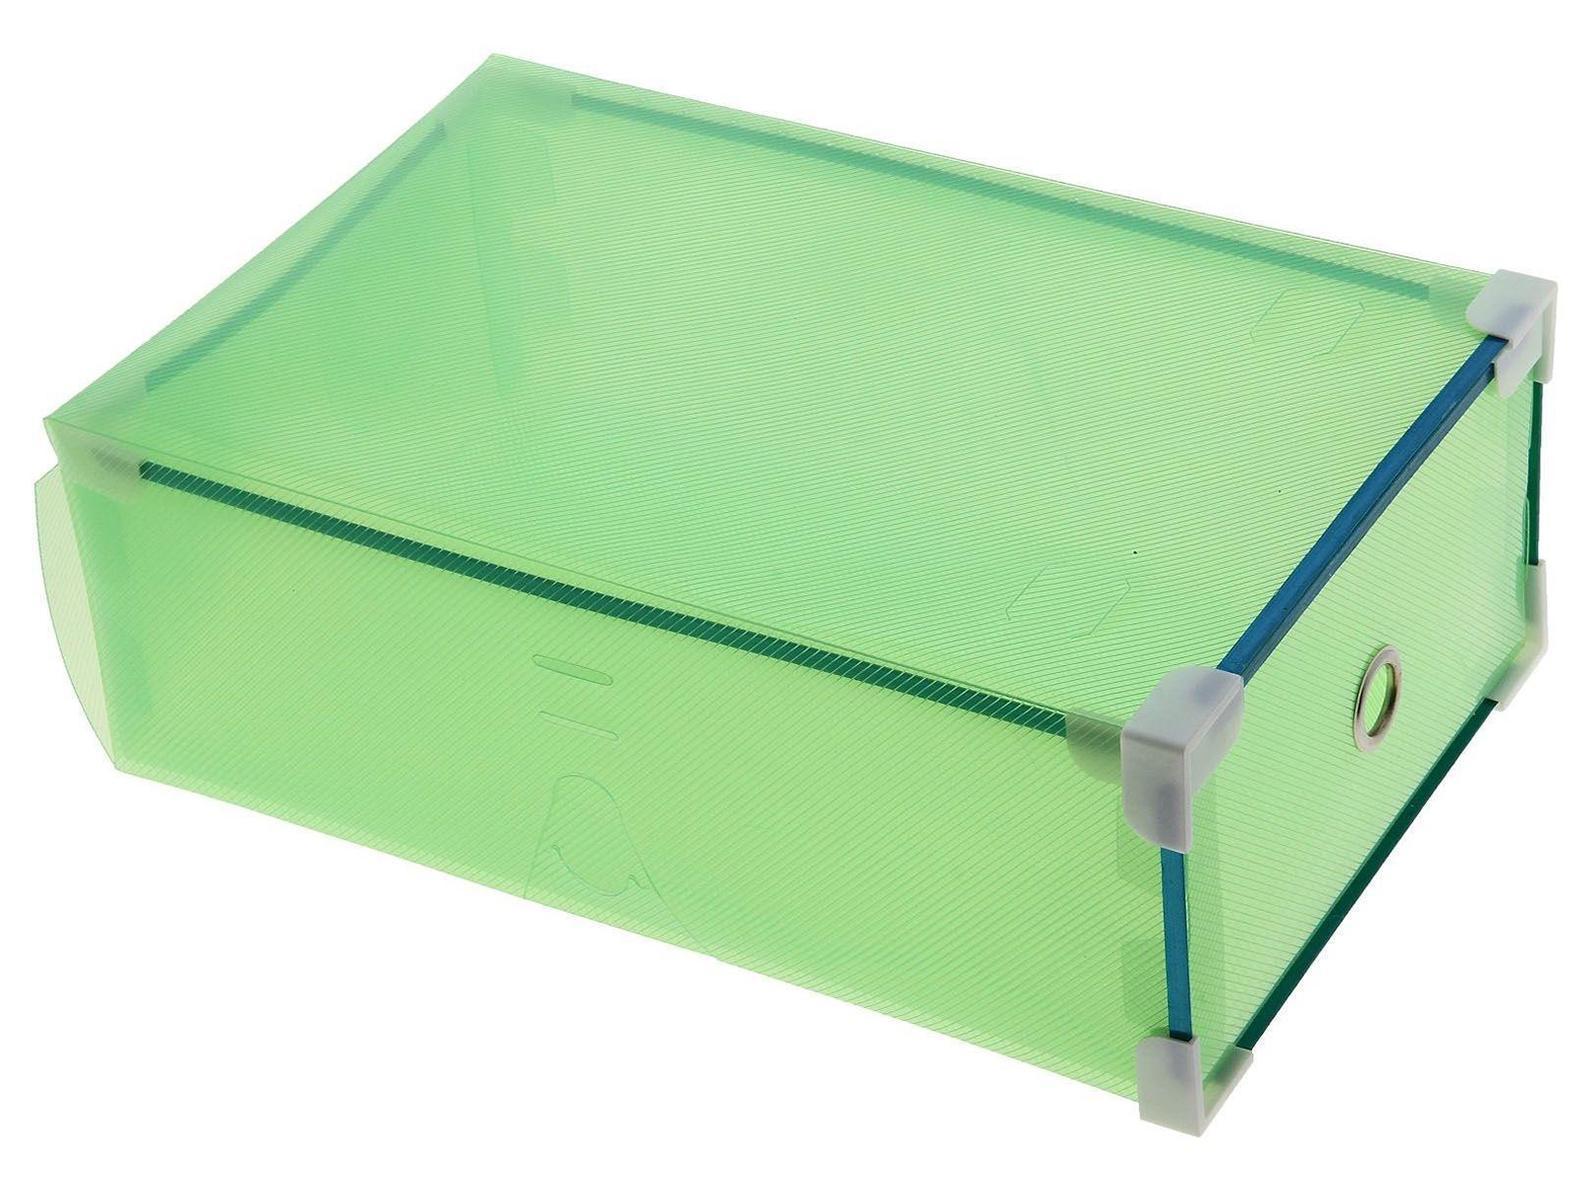 Коробка для мелочей изготовлена из прочного пластика. Предназначена для хранения мелких бытовых мелочей, принадлежностей для шитья и т.д. Коробка оснащена плотно закрывающейся крышкой, которая предотвратит просыпание и потерю мелких вещиц.  Коробка для мелочей сохранит ваши вещи в порядке. Материал: Пластик, металл